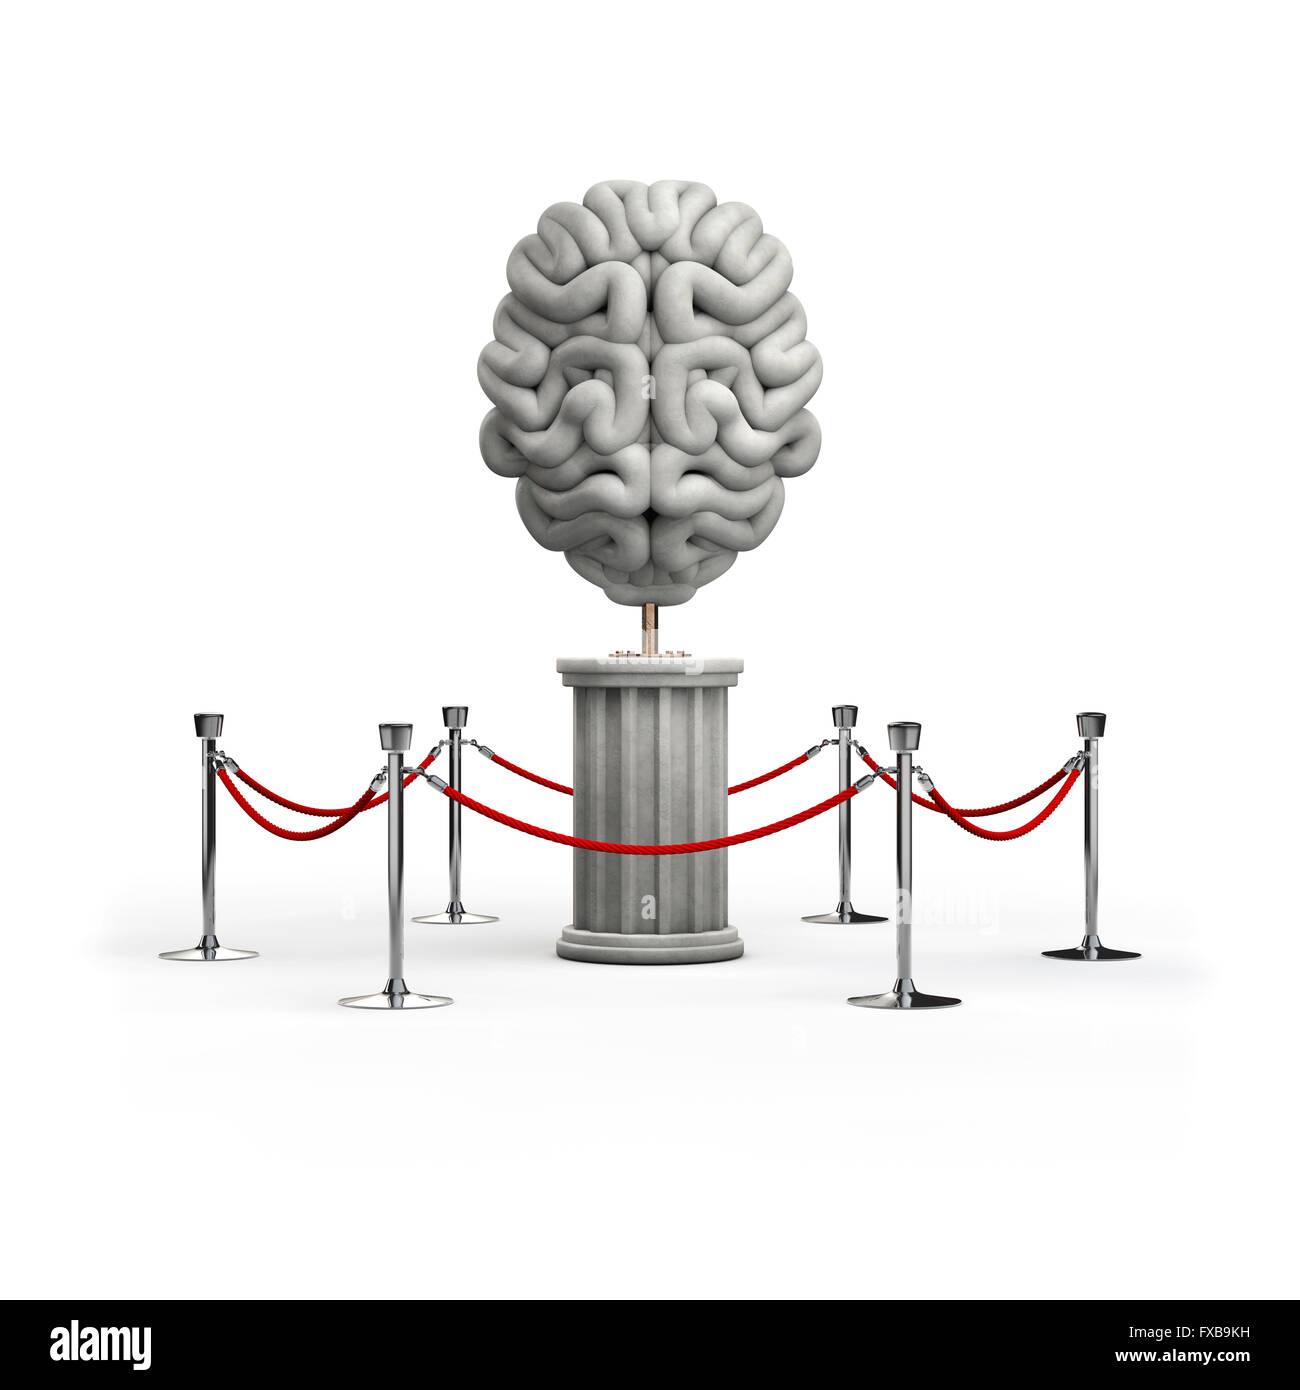 The brain exhibit / 3D render of brain sculpture - Stock Image